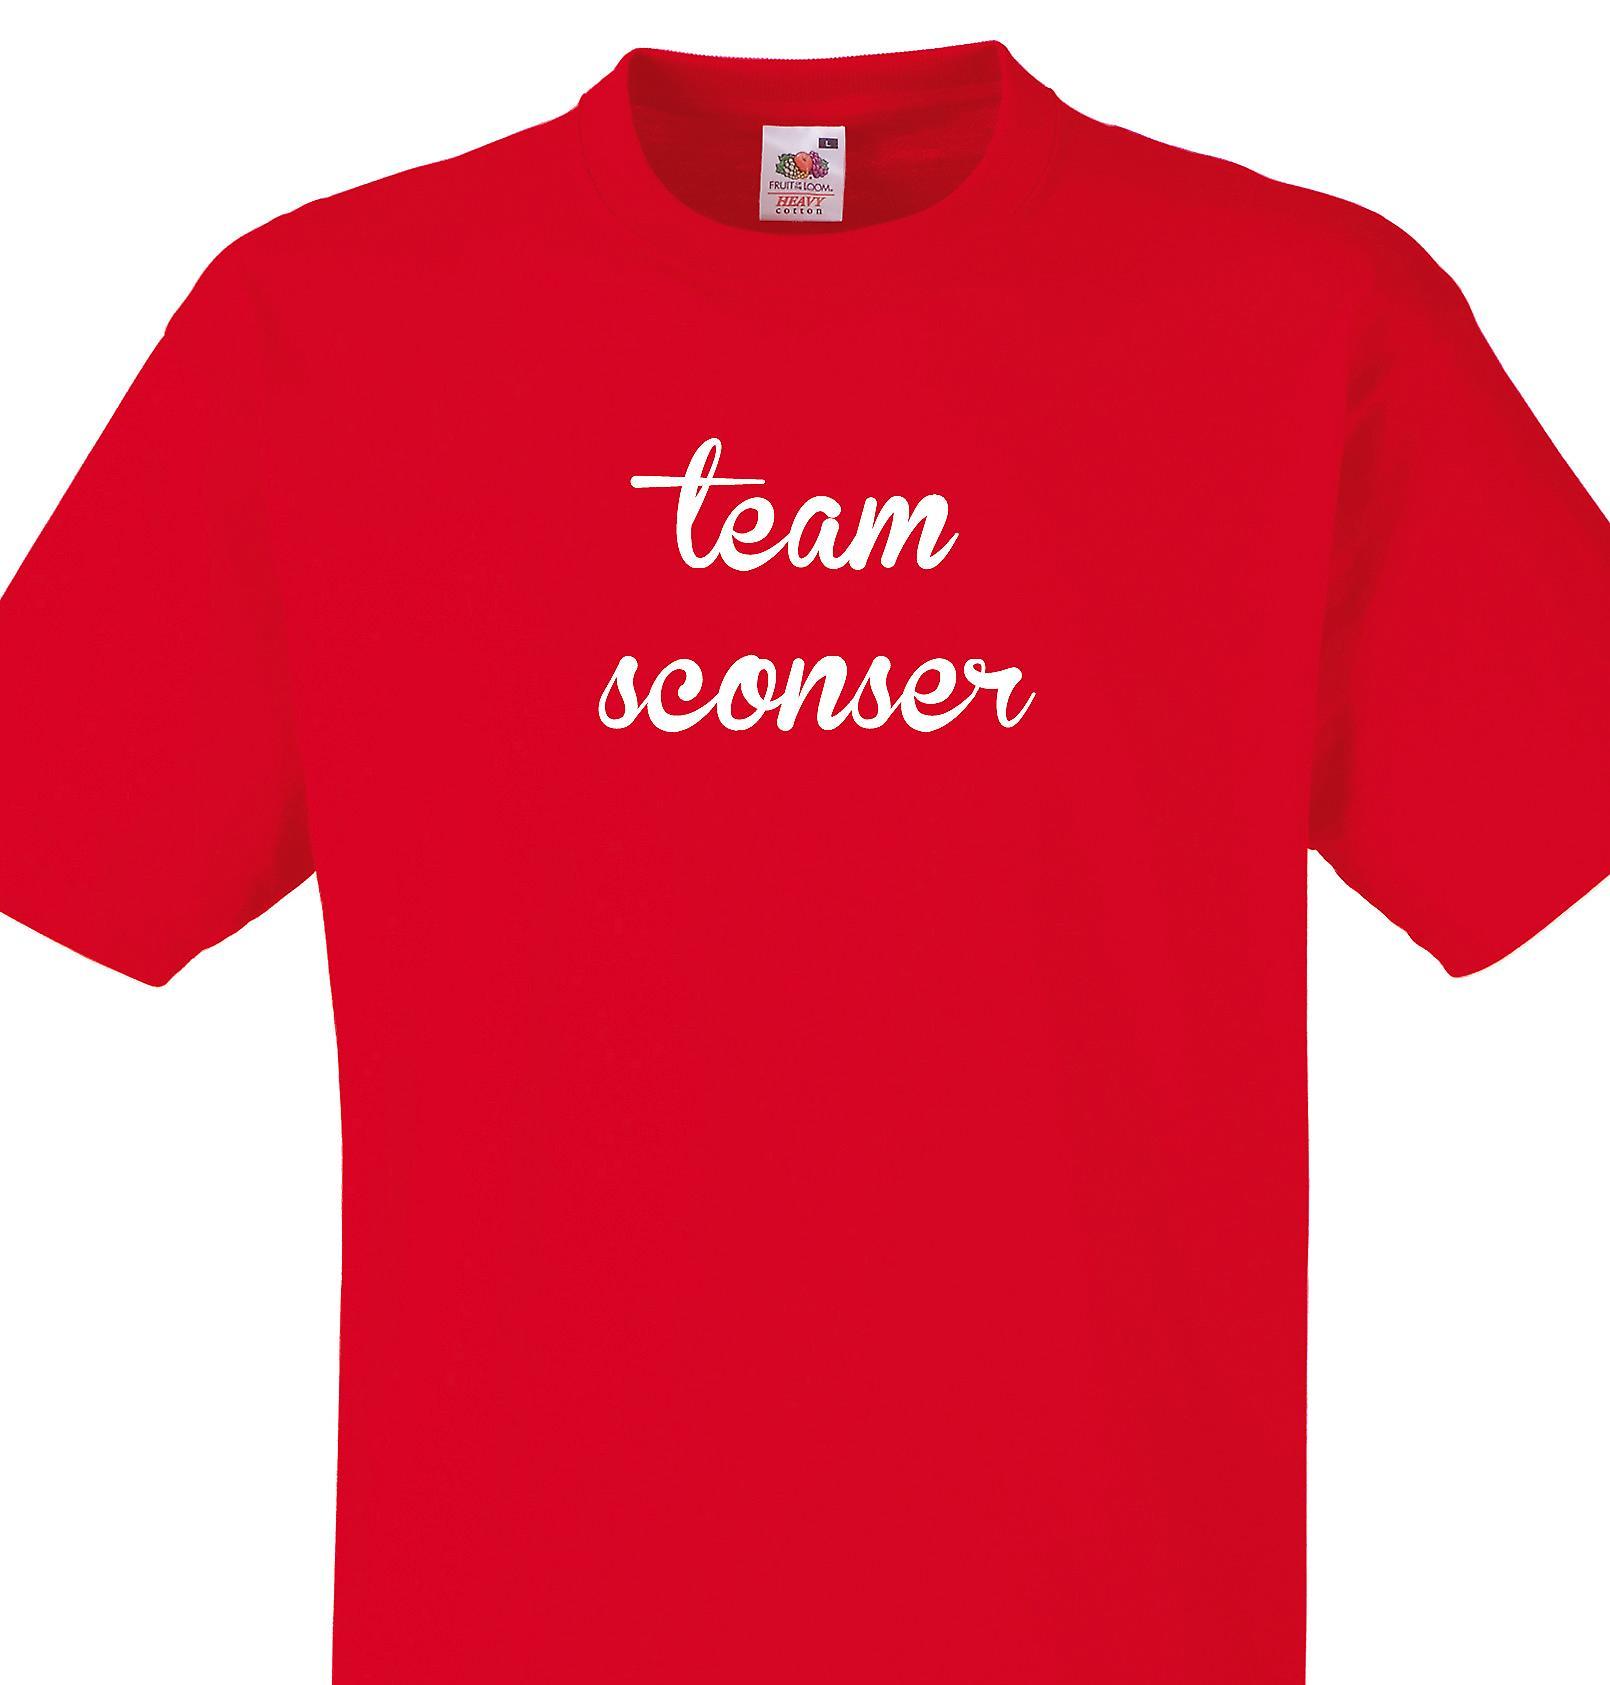 Team Sconser Red T shirt